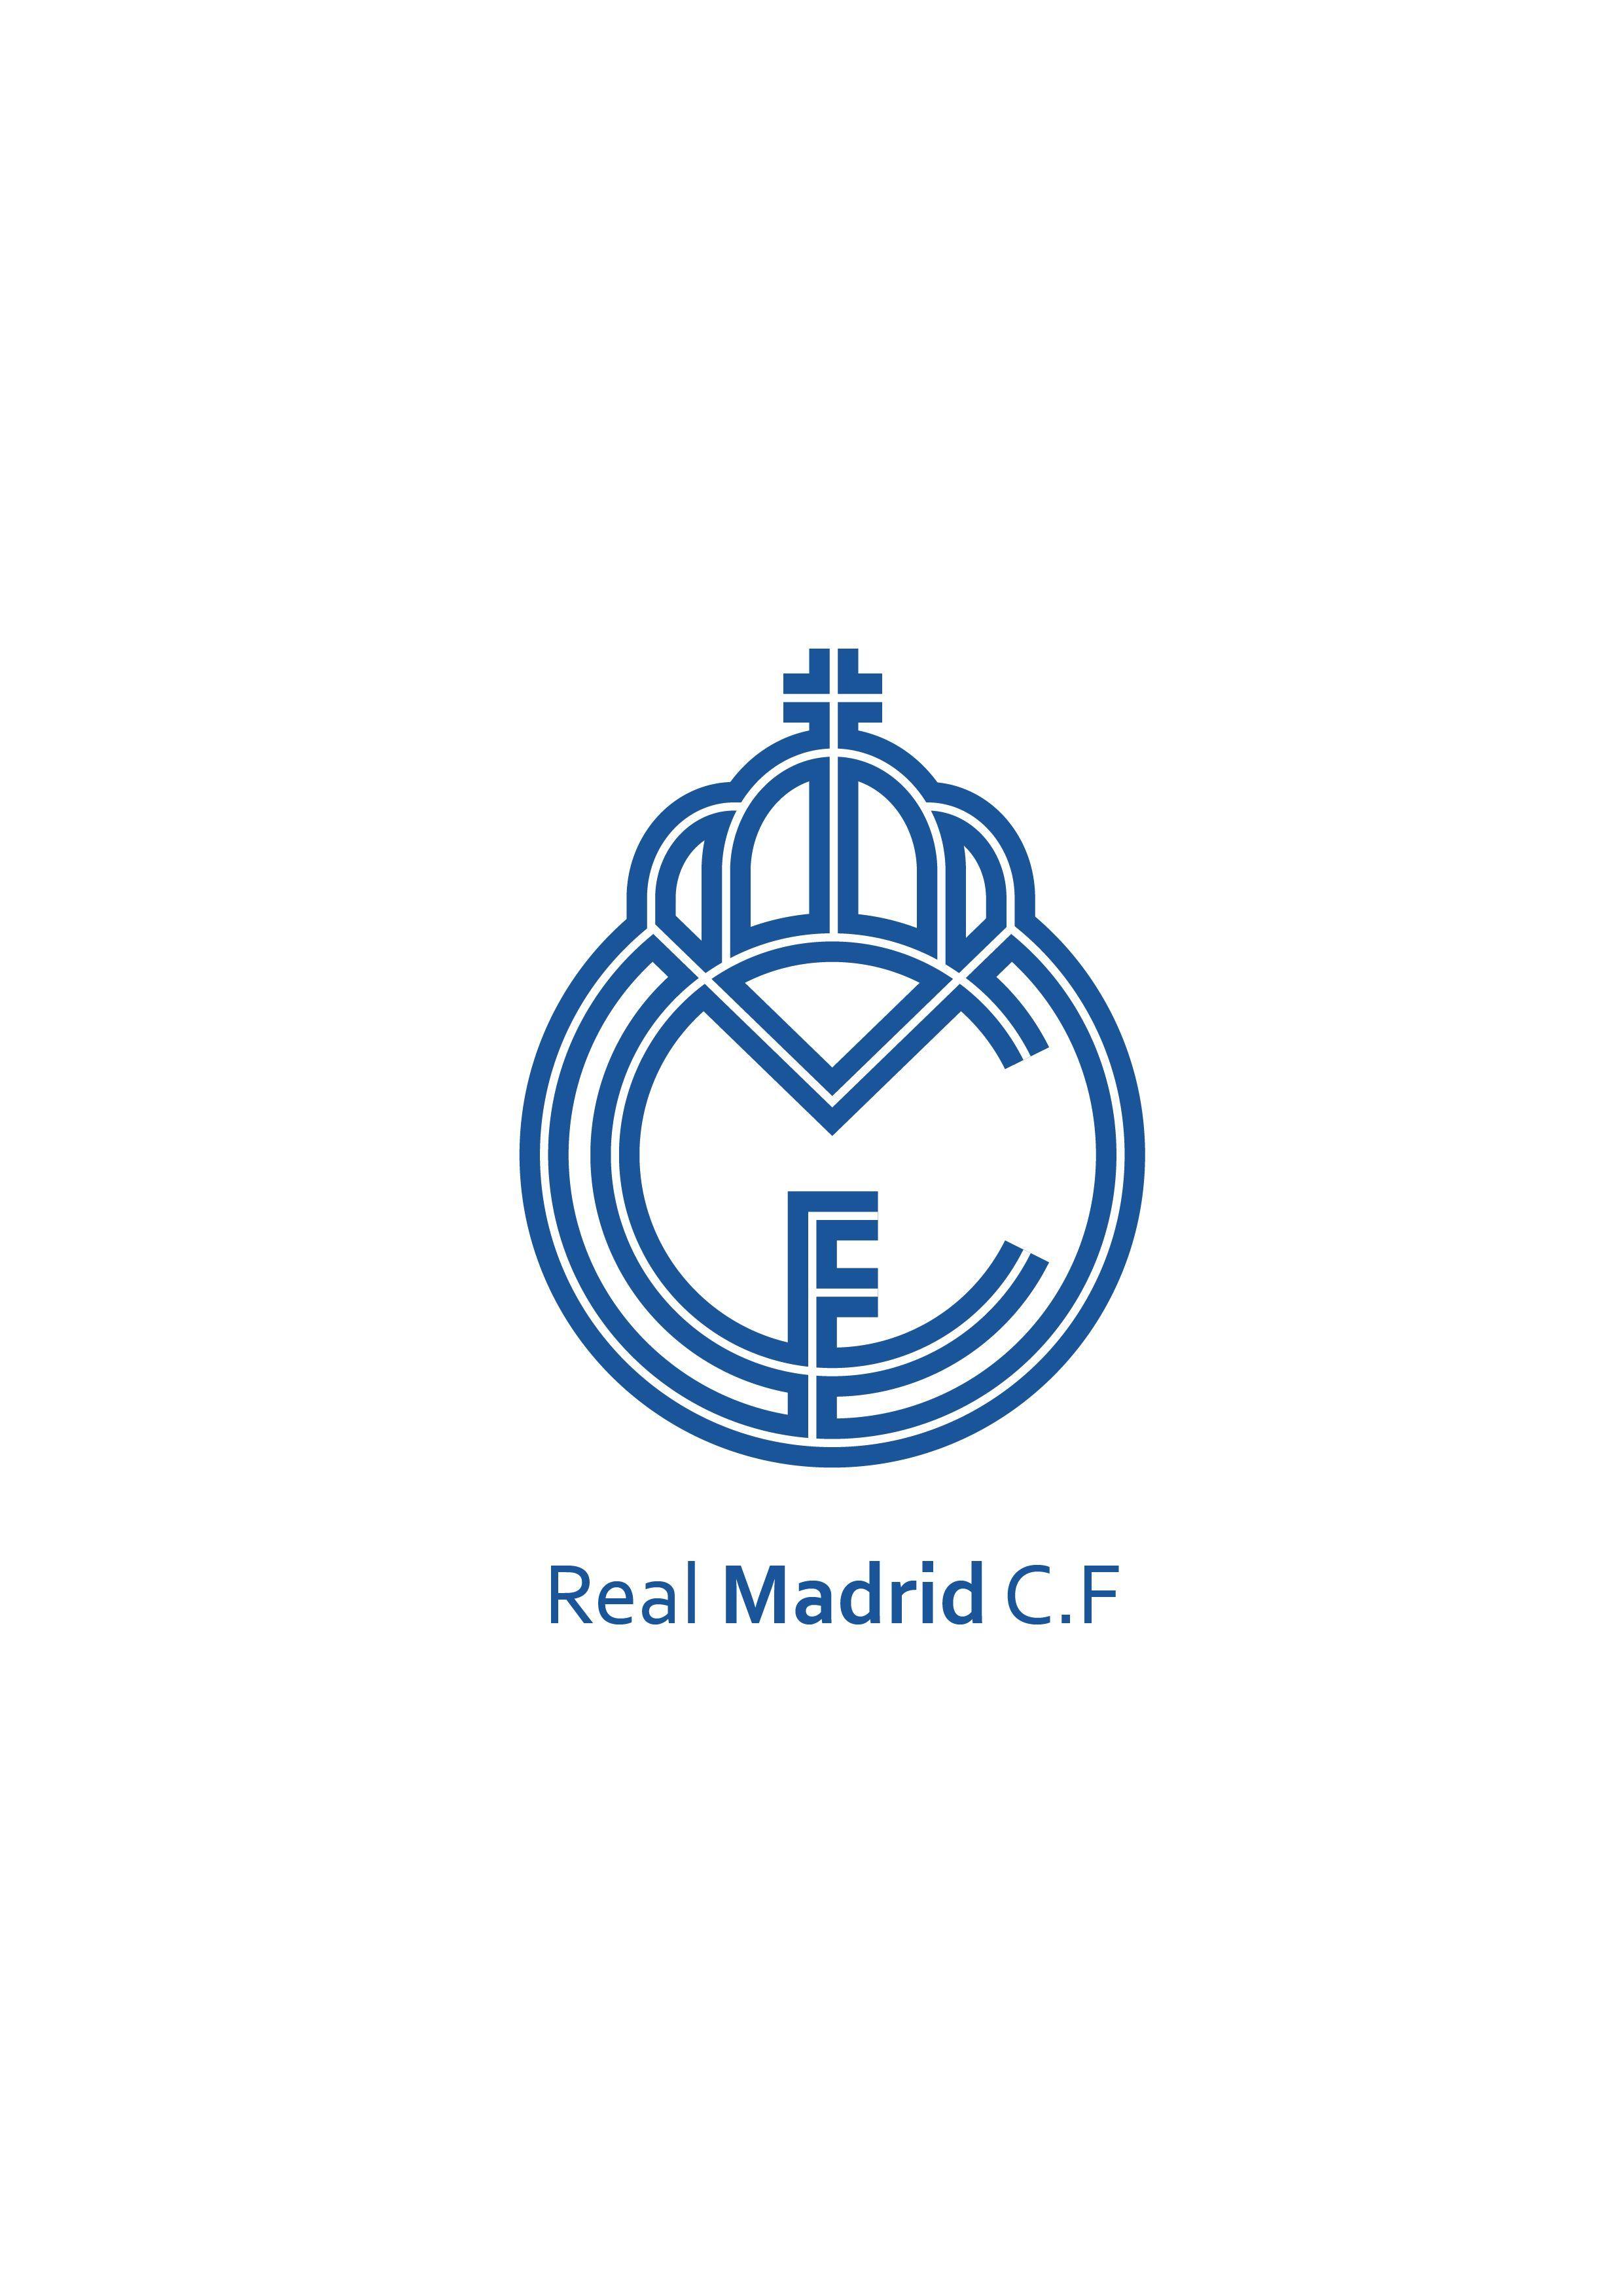 Pin Oleh Karine Sl Di Real Madrid Cf Logo Di 2020